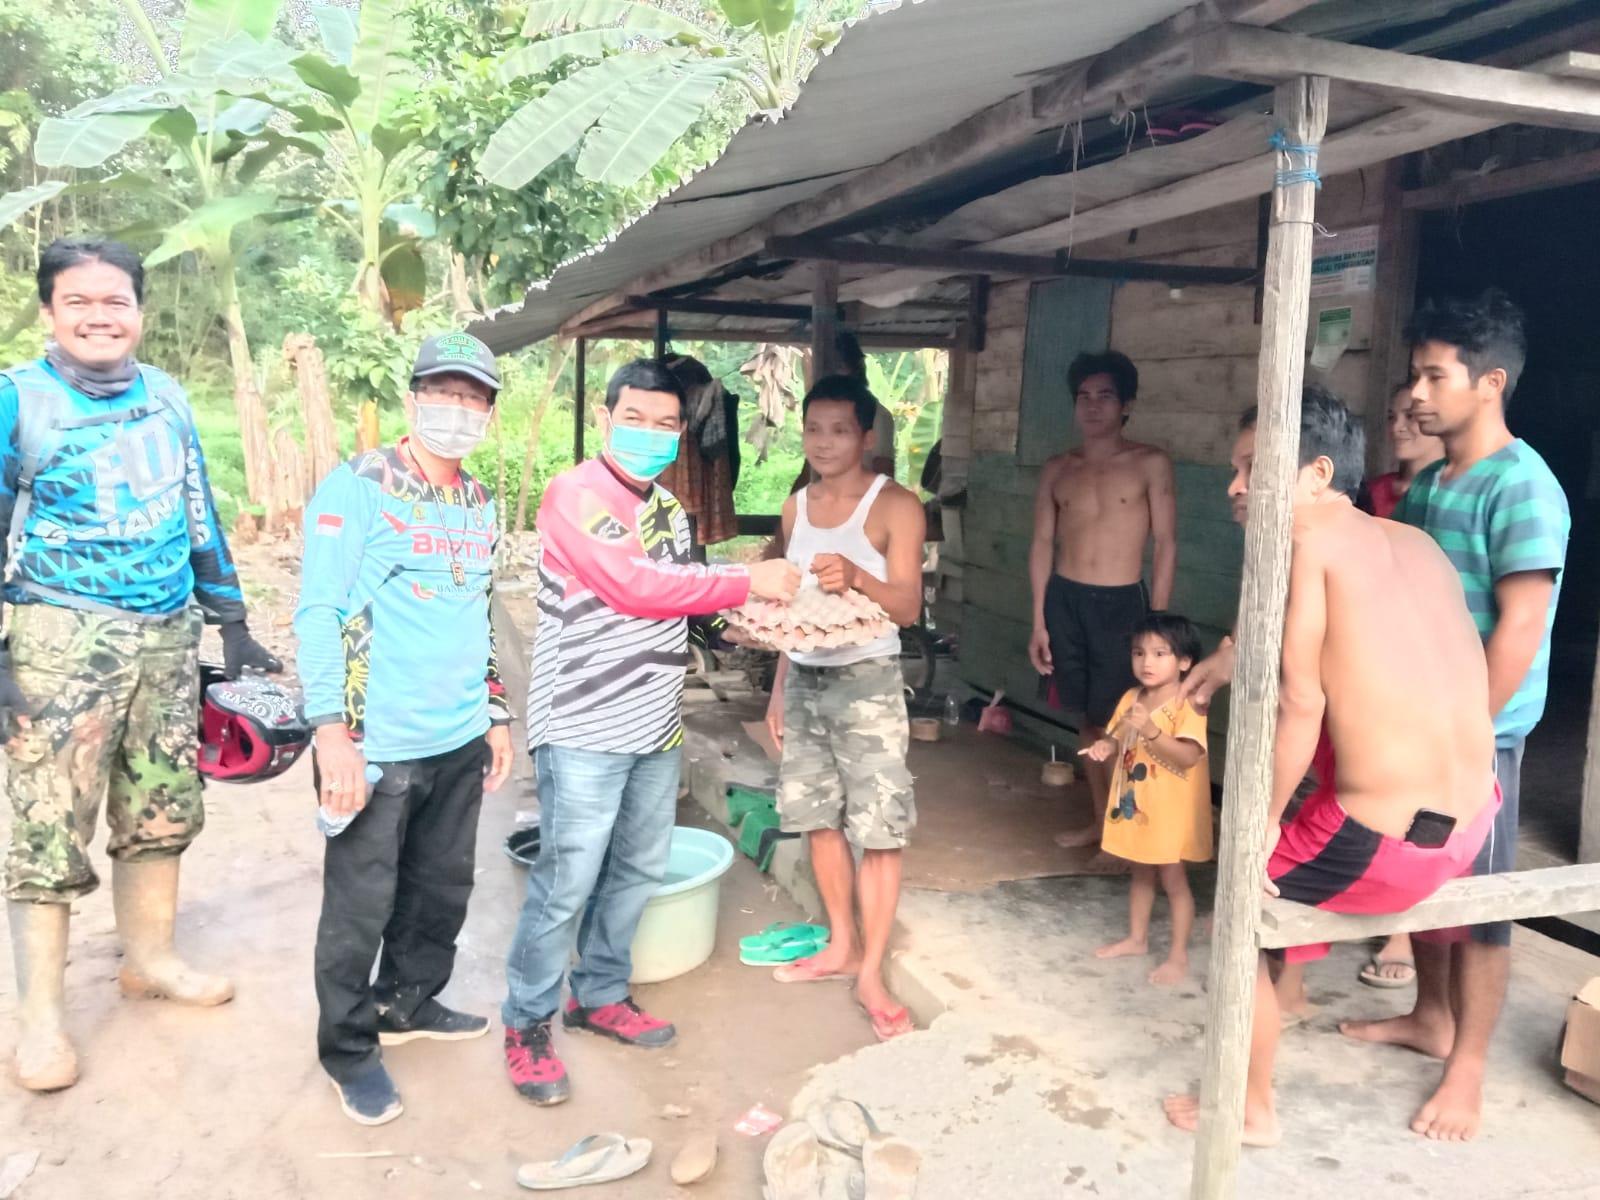 Bupati Barito Timur, Provinsi Kalimantan Tengah, Ampera AY Mebas saat menyerahkan bantuan bagi warga terpencil Dusun Ono Desa Gandrung Kecamatan Paku, Sabtu (17/7/2021)